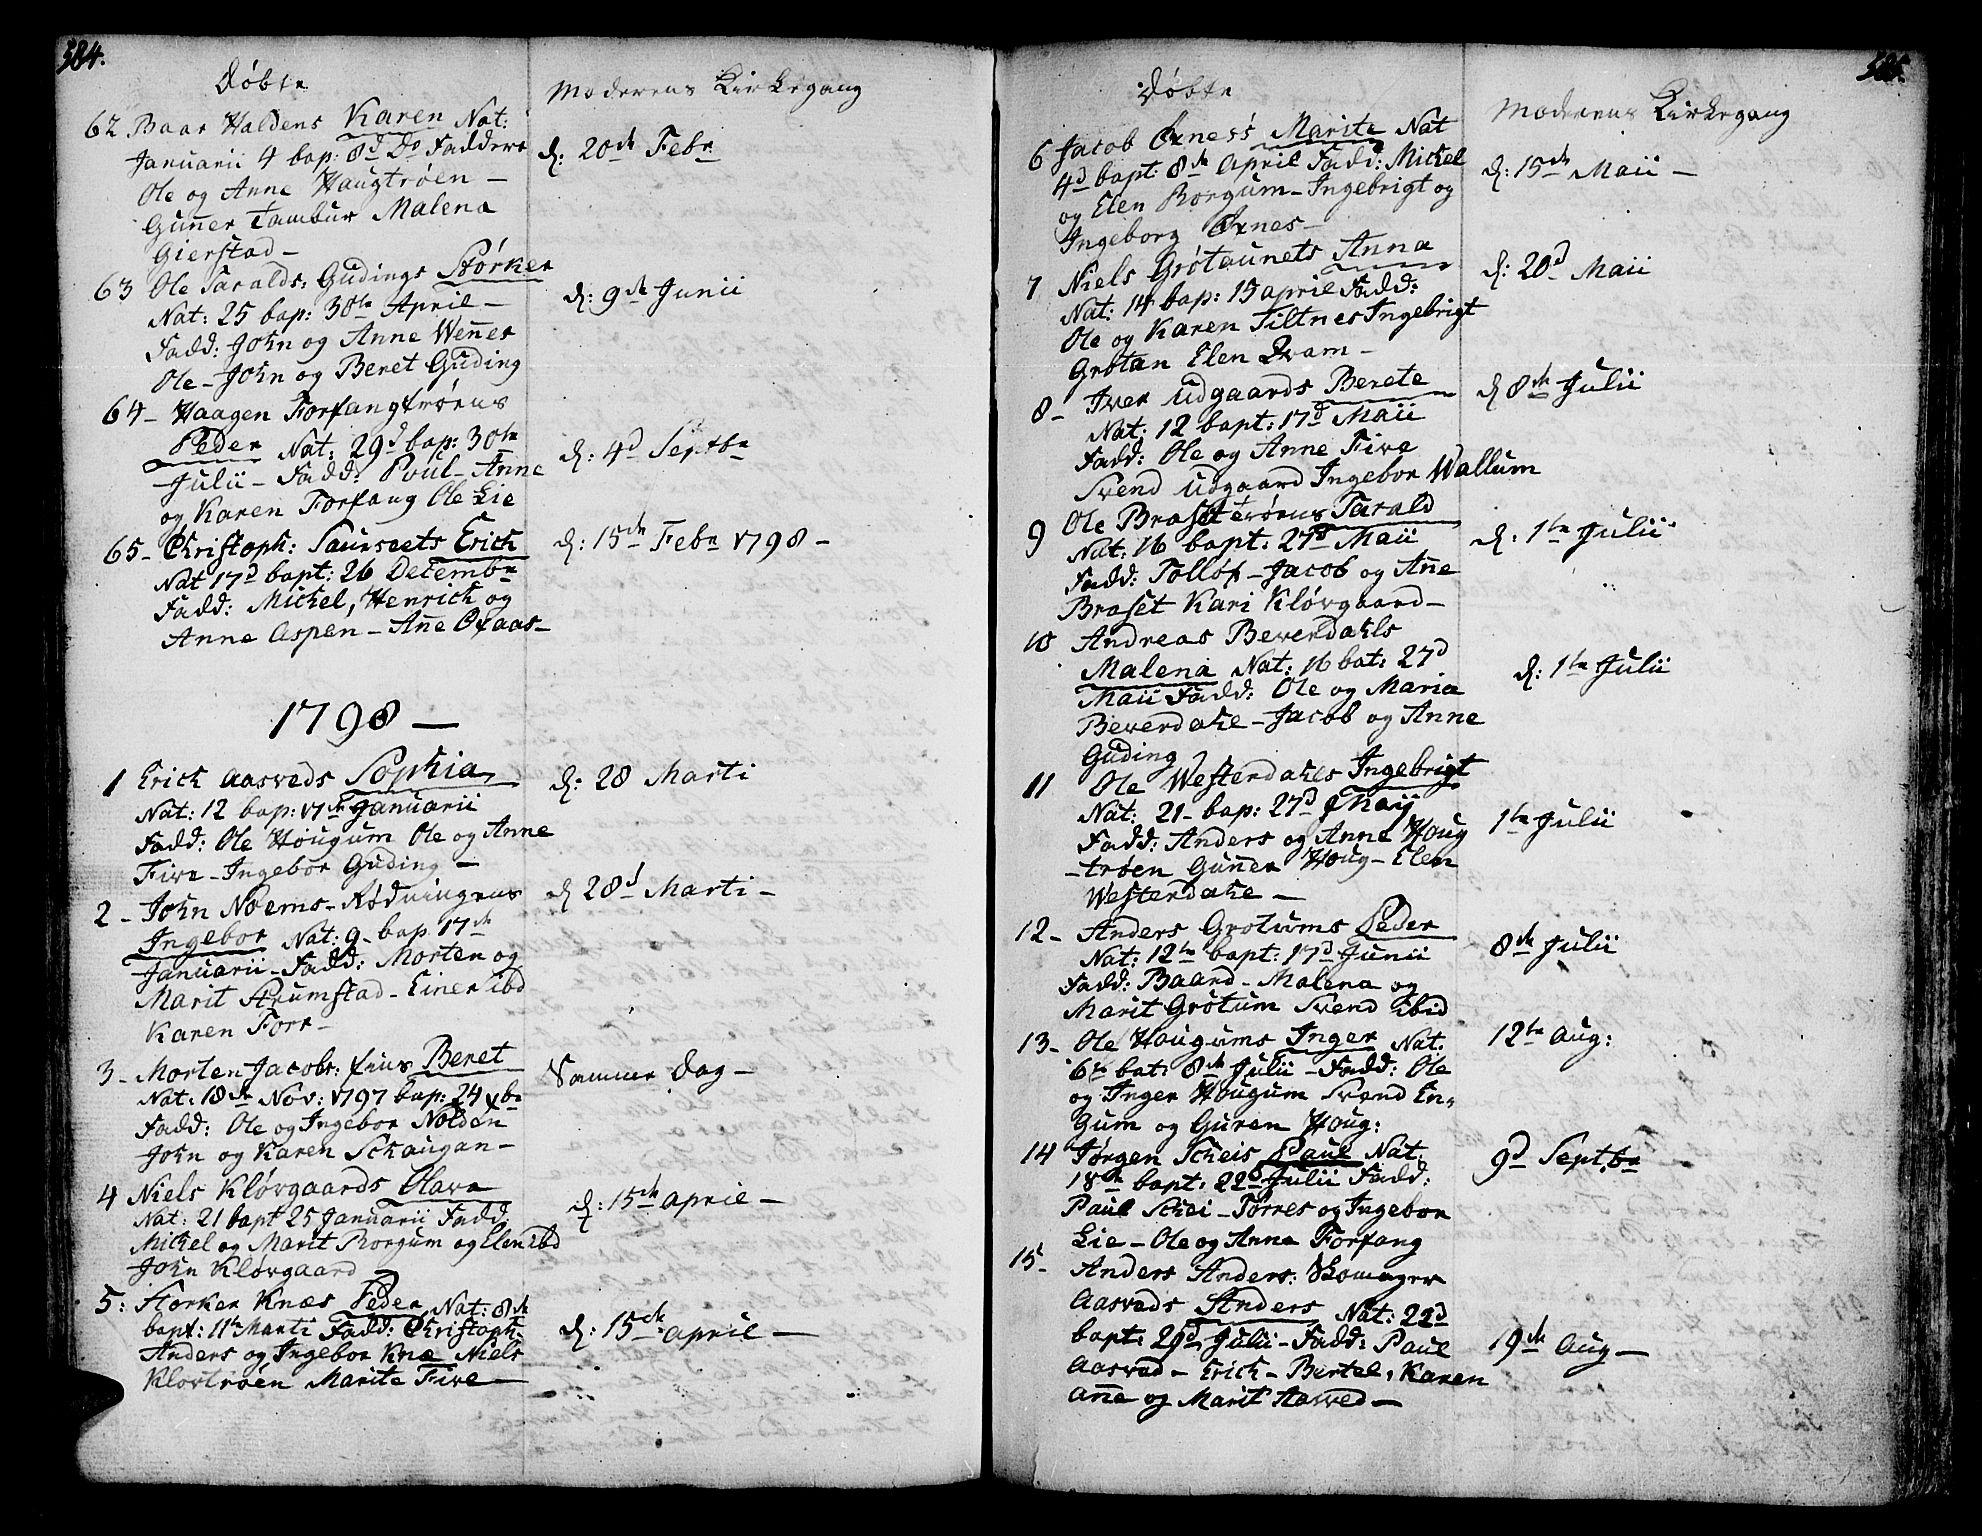 SAT, Ministerialprotokoller, klokkerbøker og fødselsregistre - Nord-Trøndelag, 746/L0440: Ministerialbok nr. 746A02, 1760-1815, s. 584-585